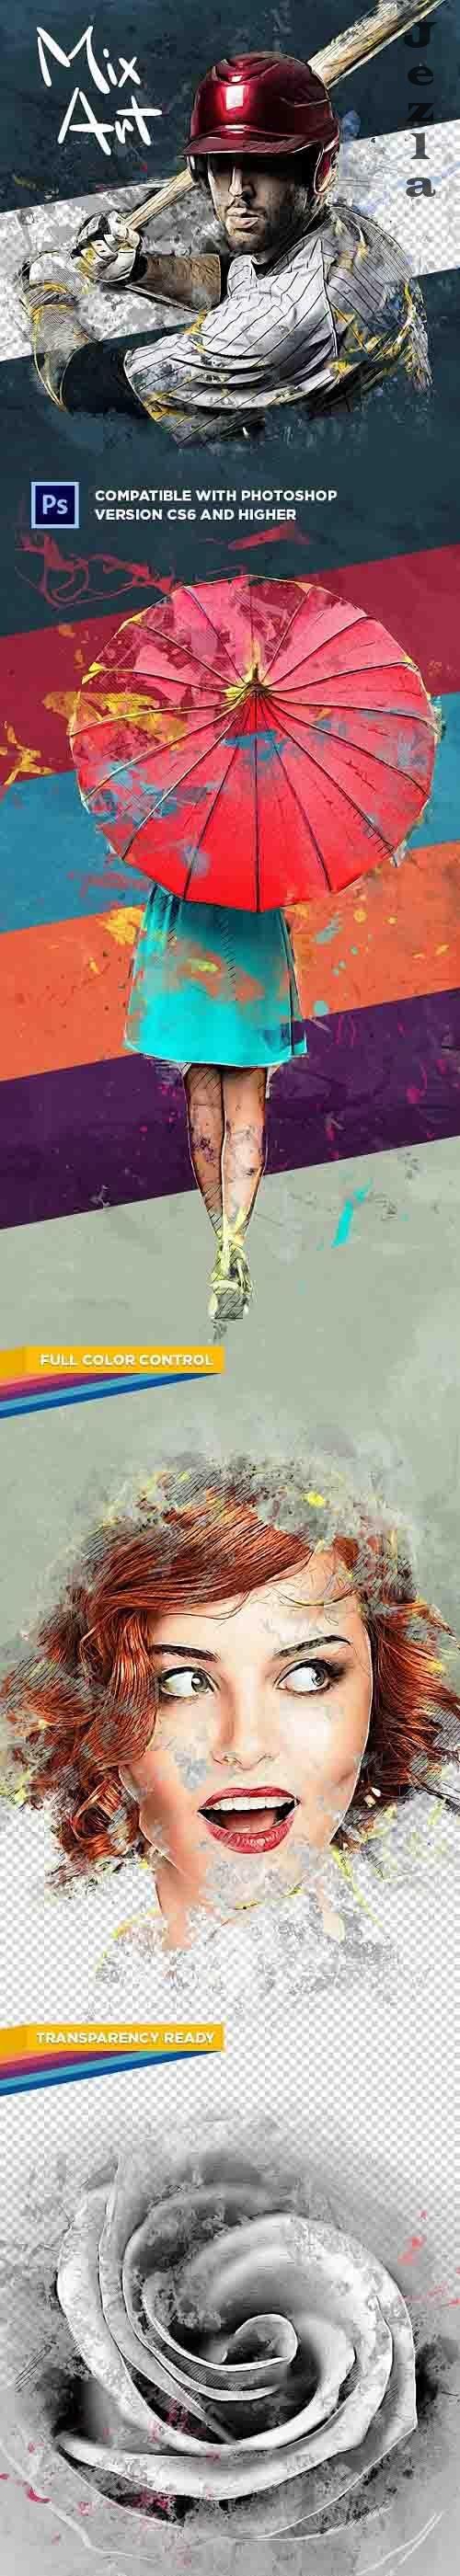 Mix Art CS6+ Photoshop Action - 31305951